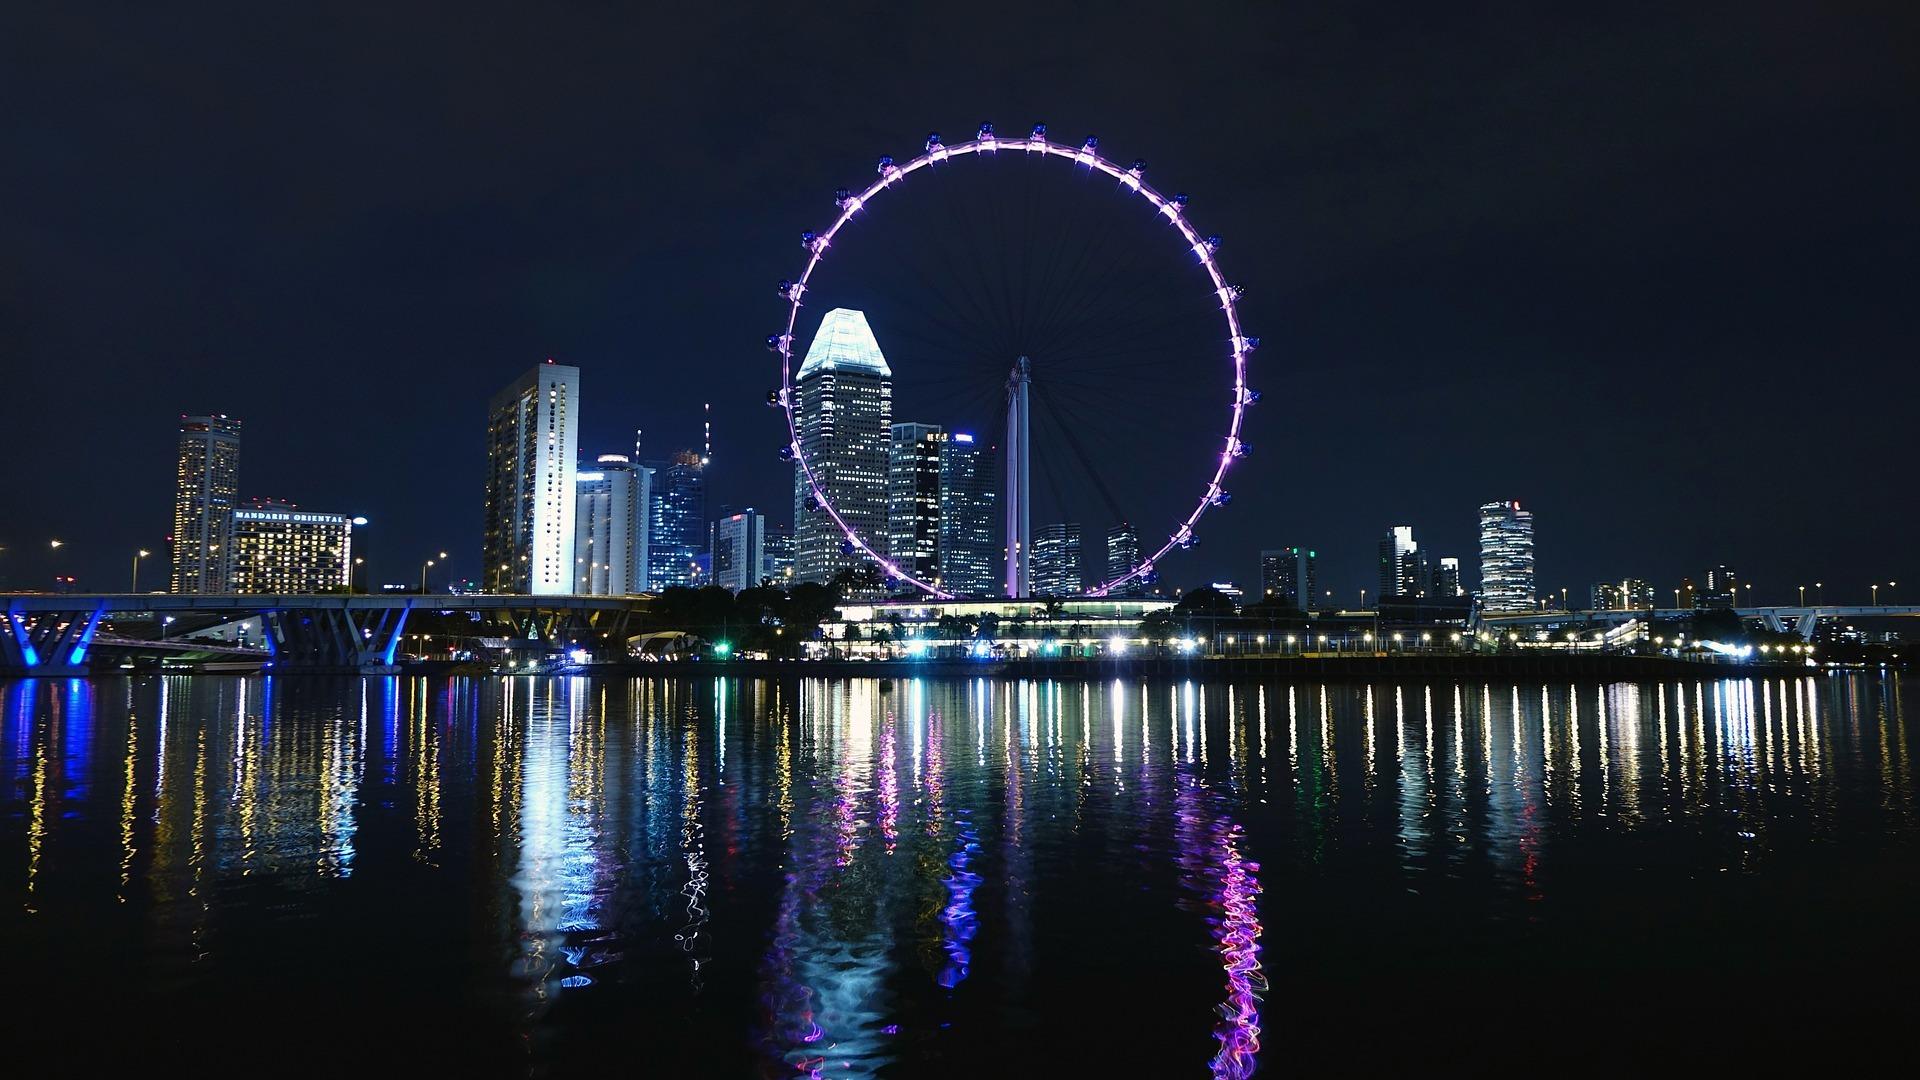 트래블 라인과 떠나는 싱가포르 여행 응모